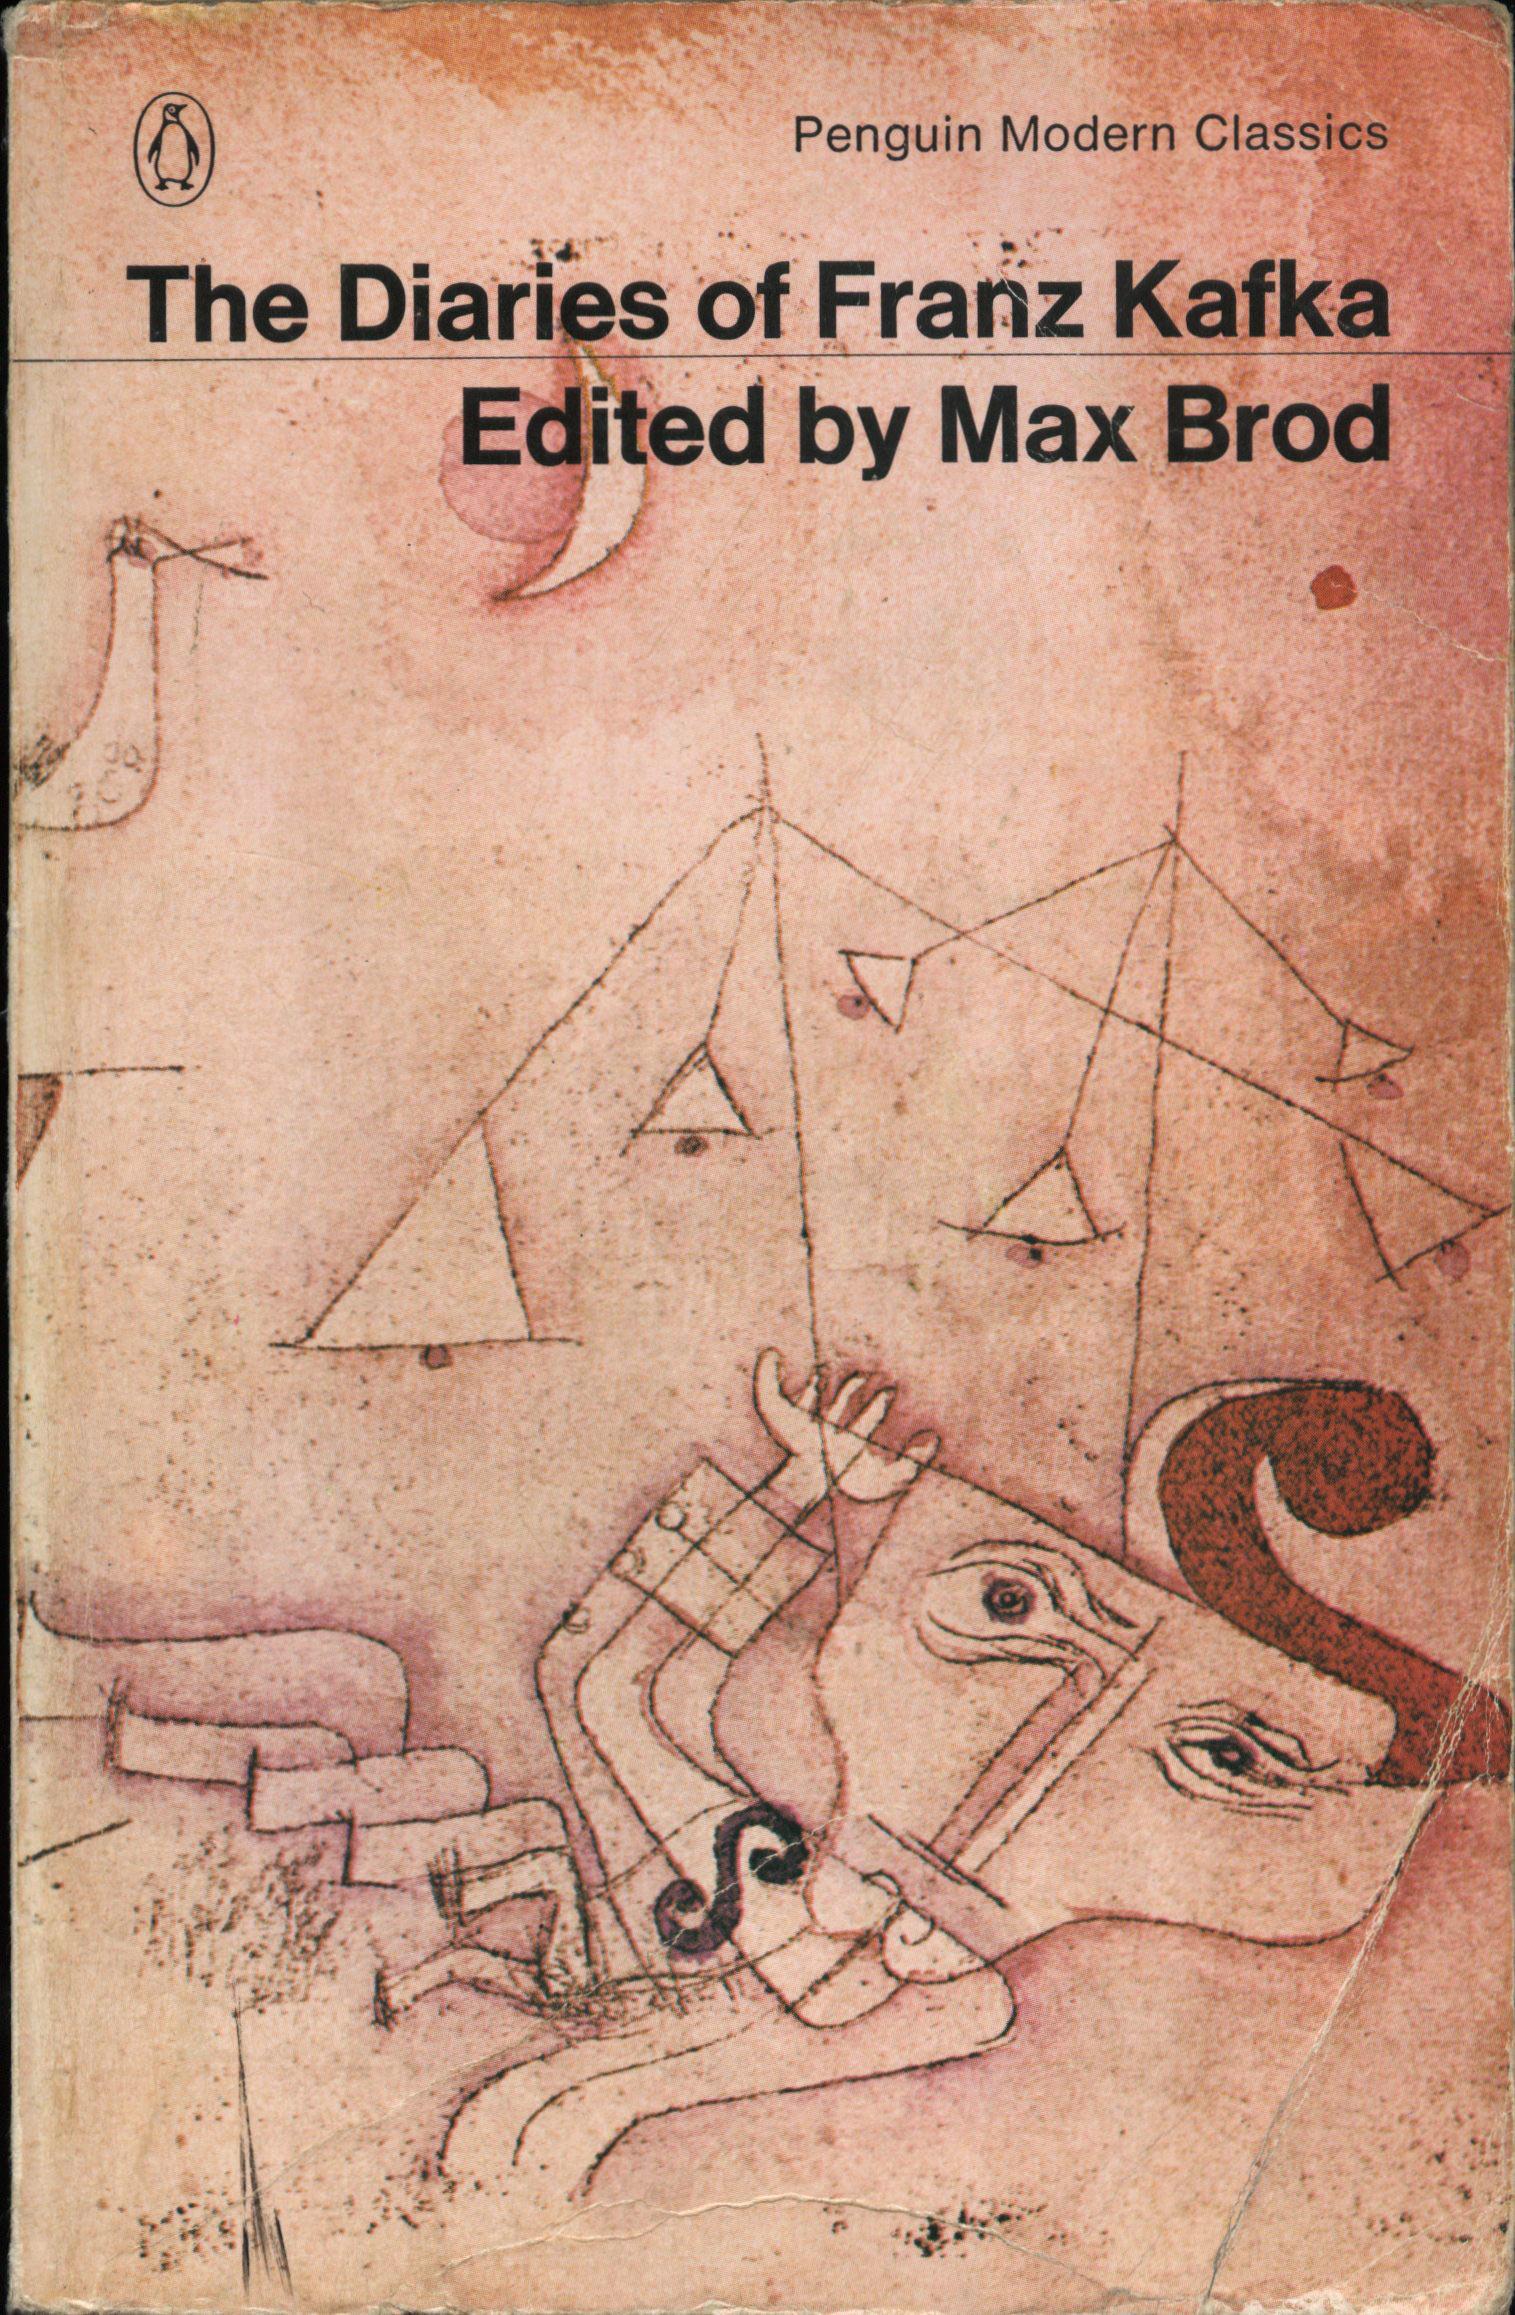 יומניו של פרנץ קפקא. כריכת המהדורה שראתה אור ב־1964. מקס ברוד פרסם את היומנים לראשונה ב־1949